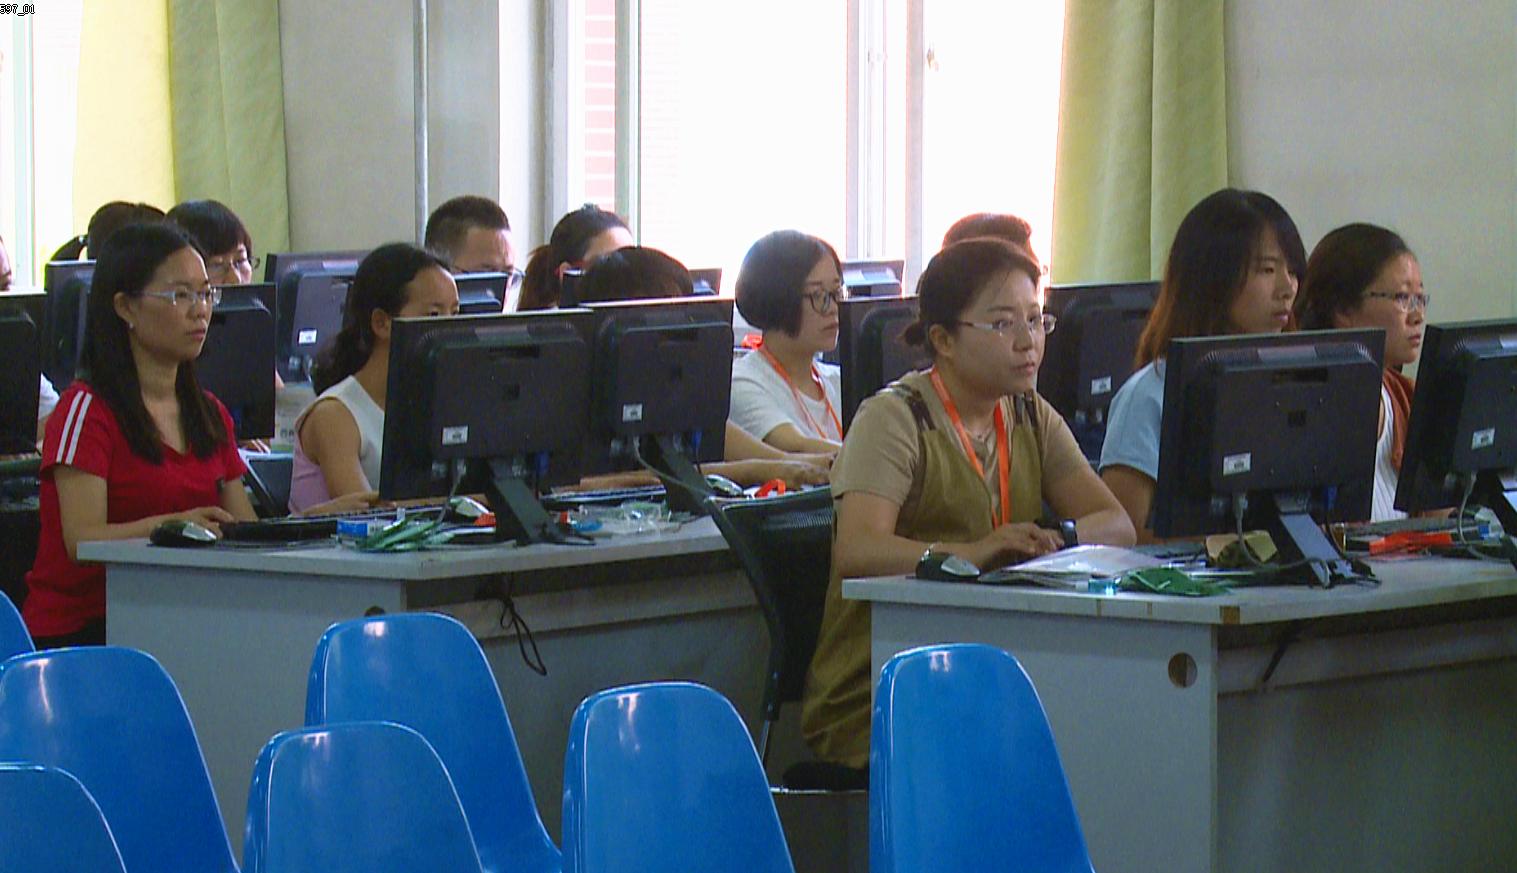 每道試題由兩名或多名老師同時背對背評閱打分。